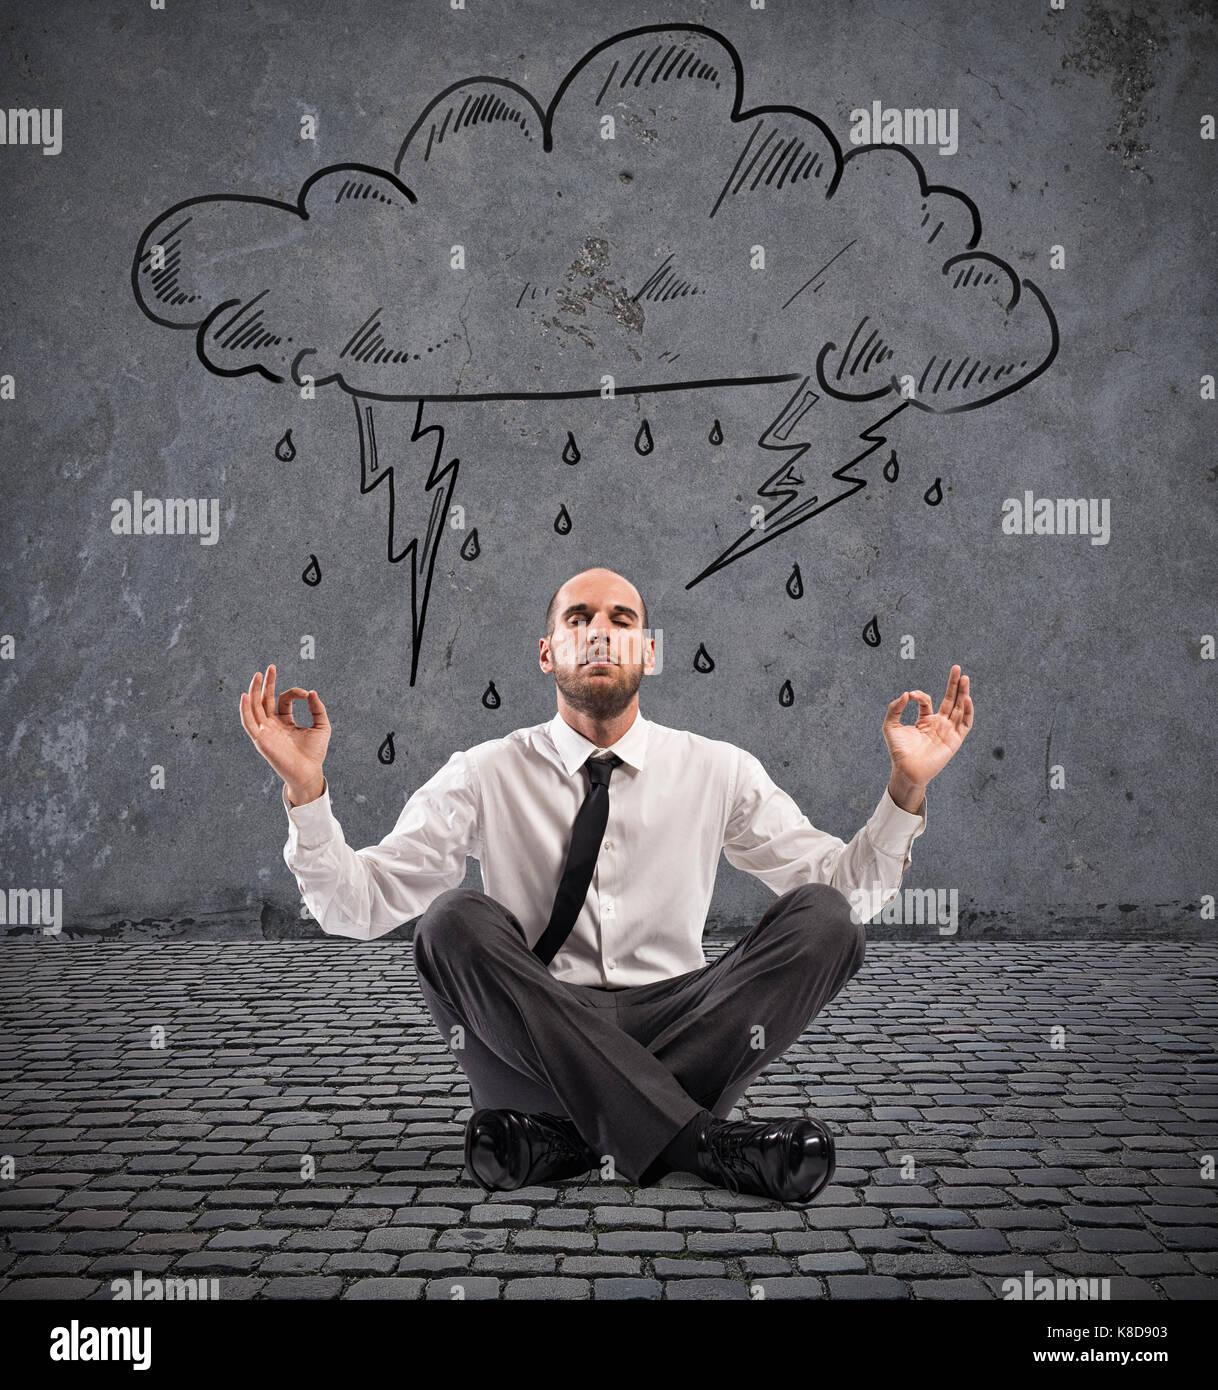 Imprenditore pratica yoga sotto una nuvola di pioggia Immagini Stock